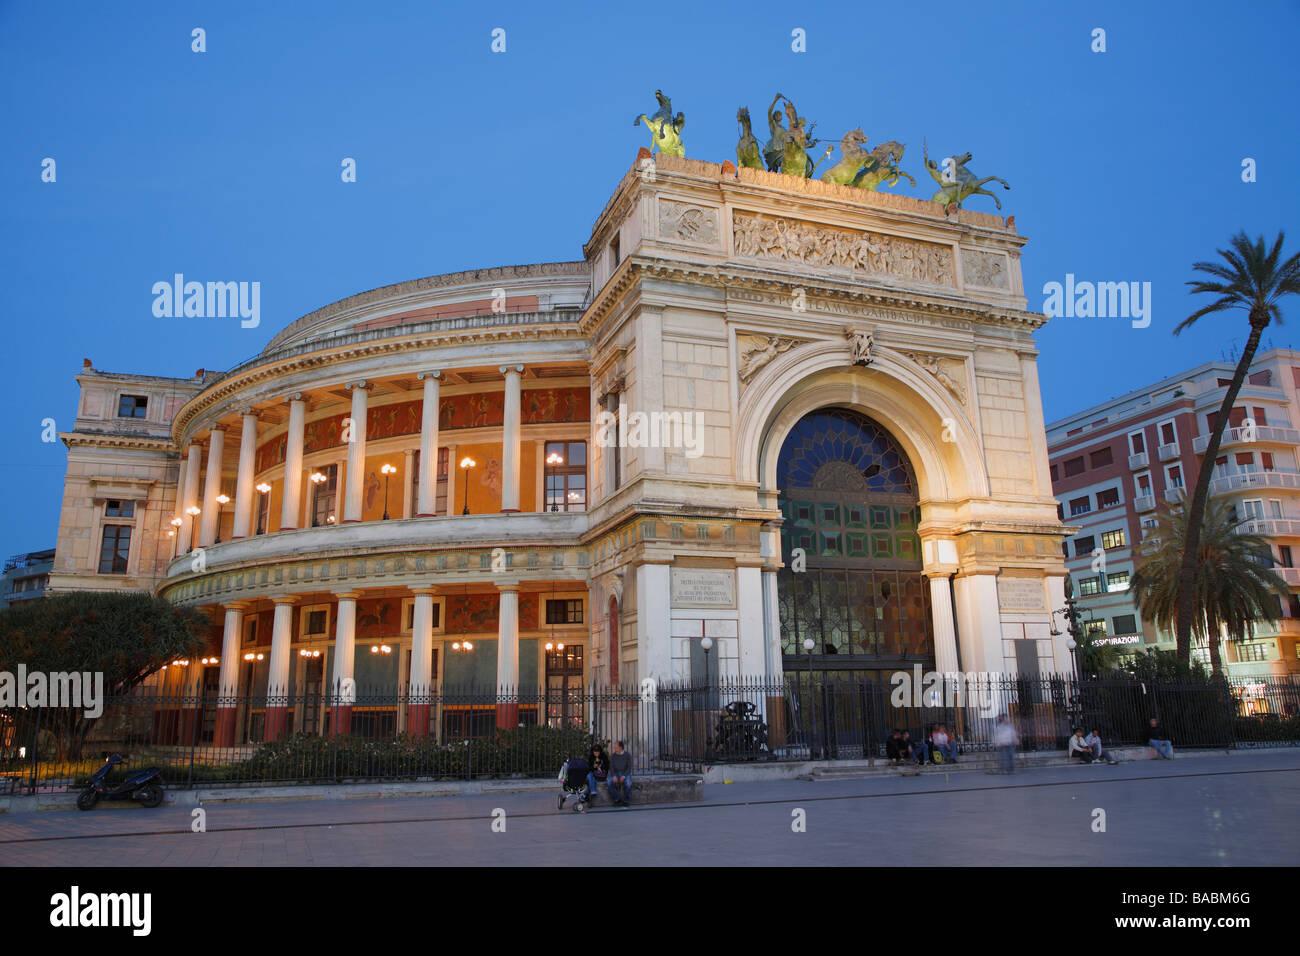 Teatro Politeama Garibaldi, Politeama Theater, Palermo, Sicily, Italy Stock Photo